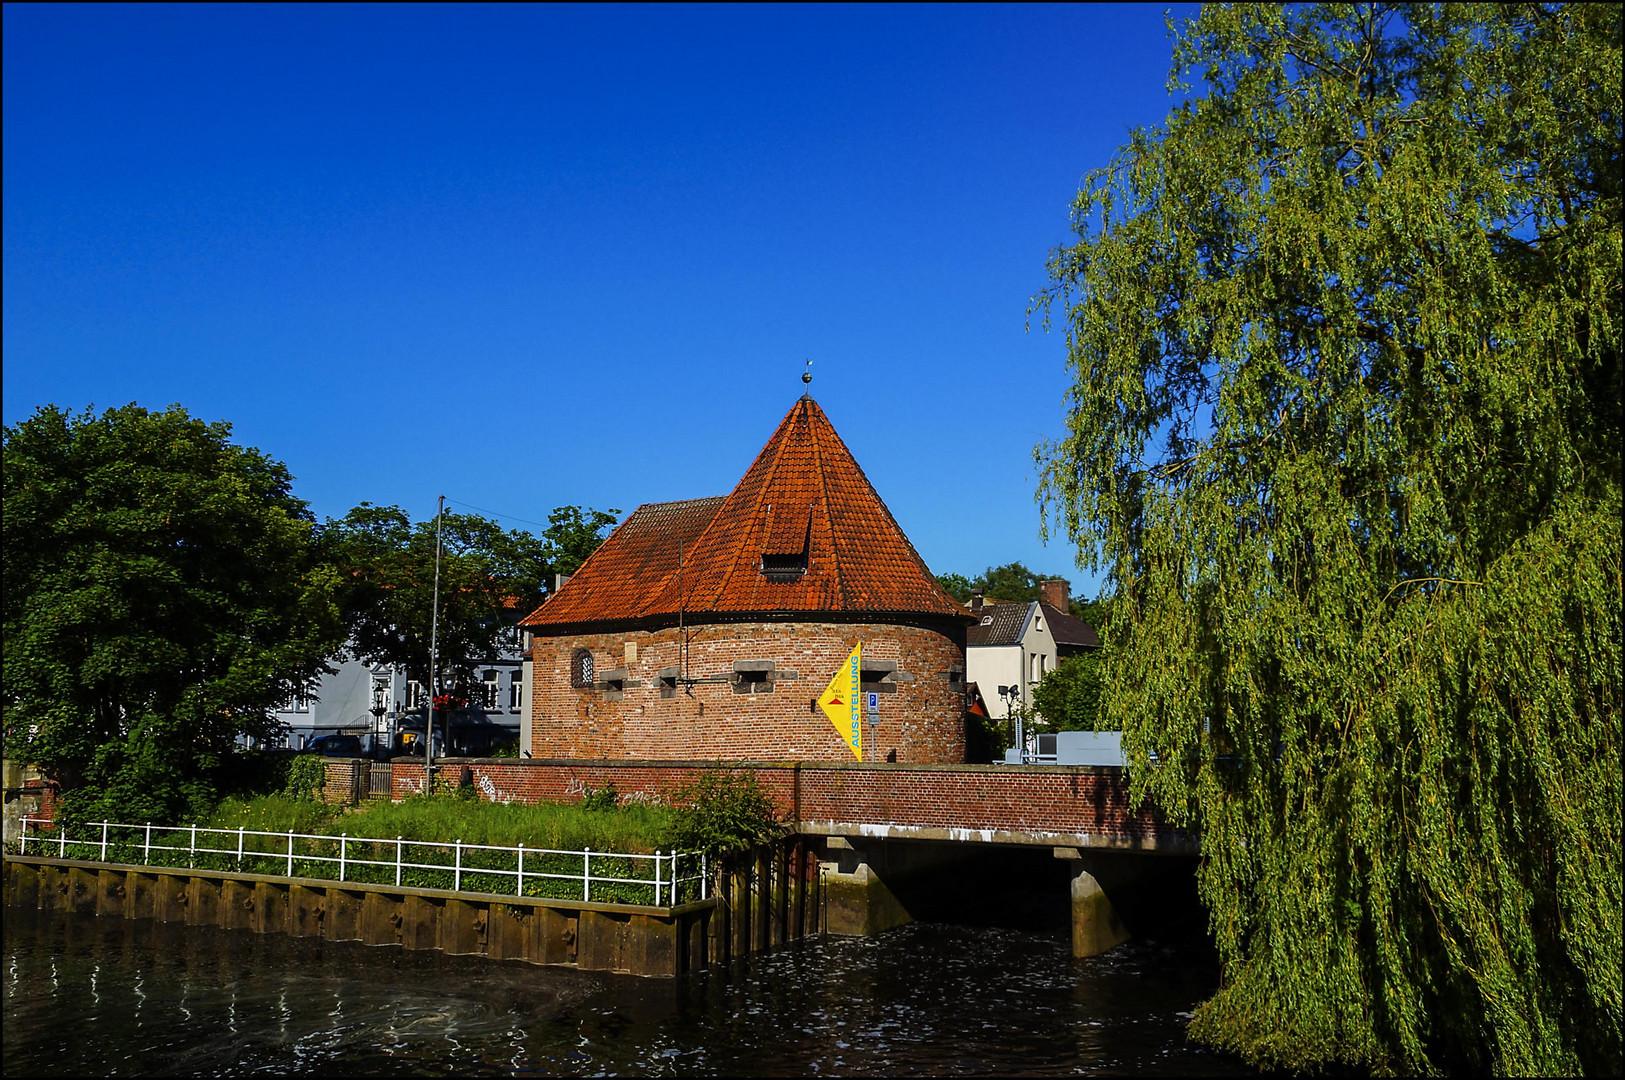 Marschtorzwinger (Buxtehude)